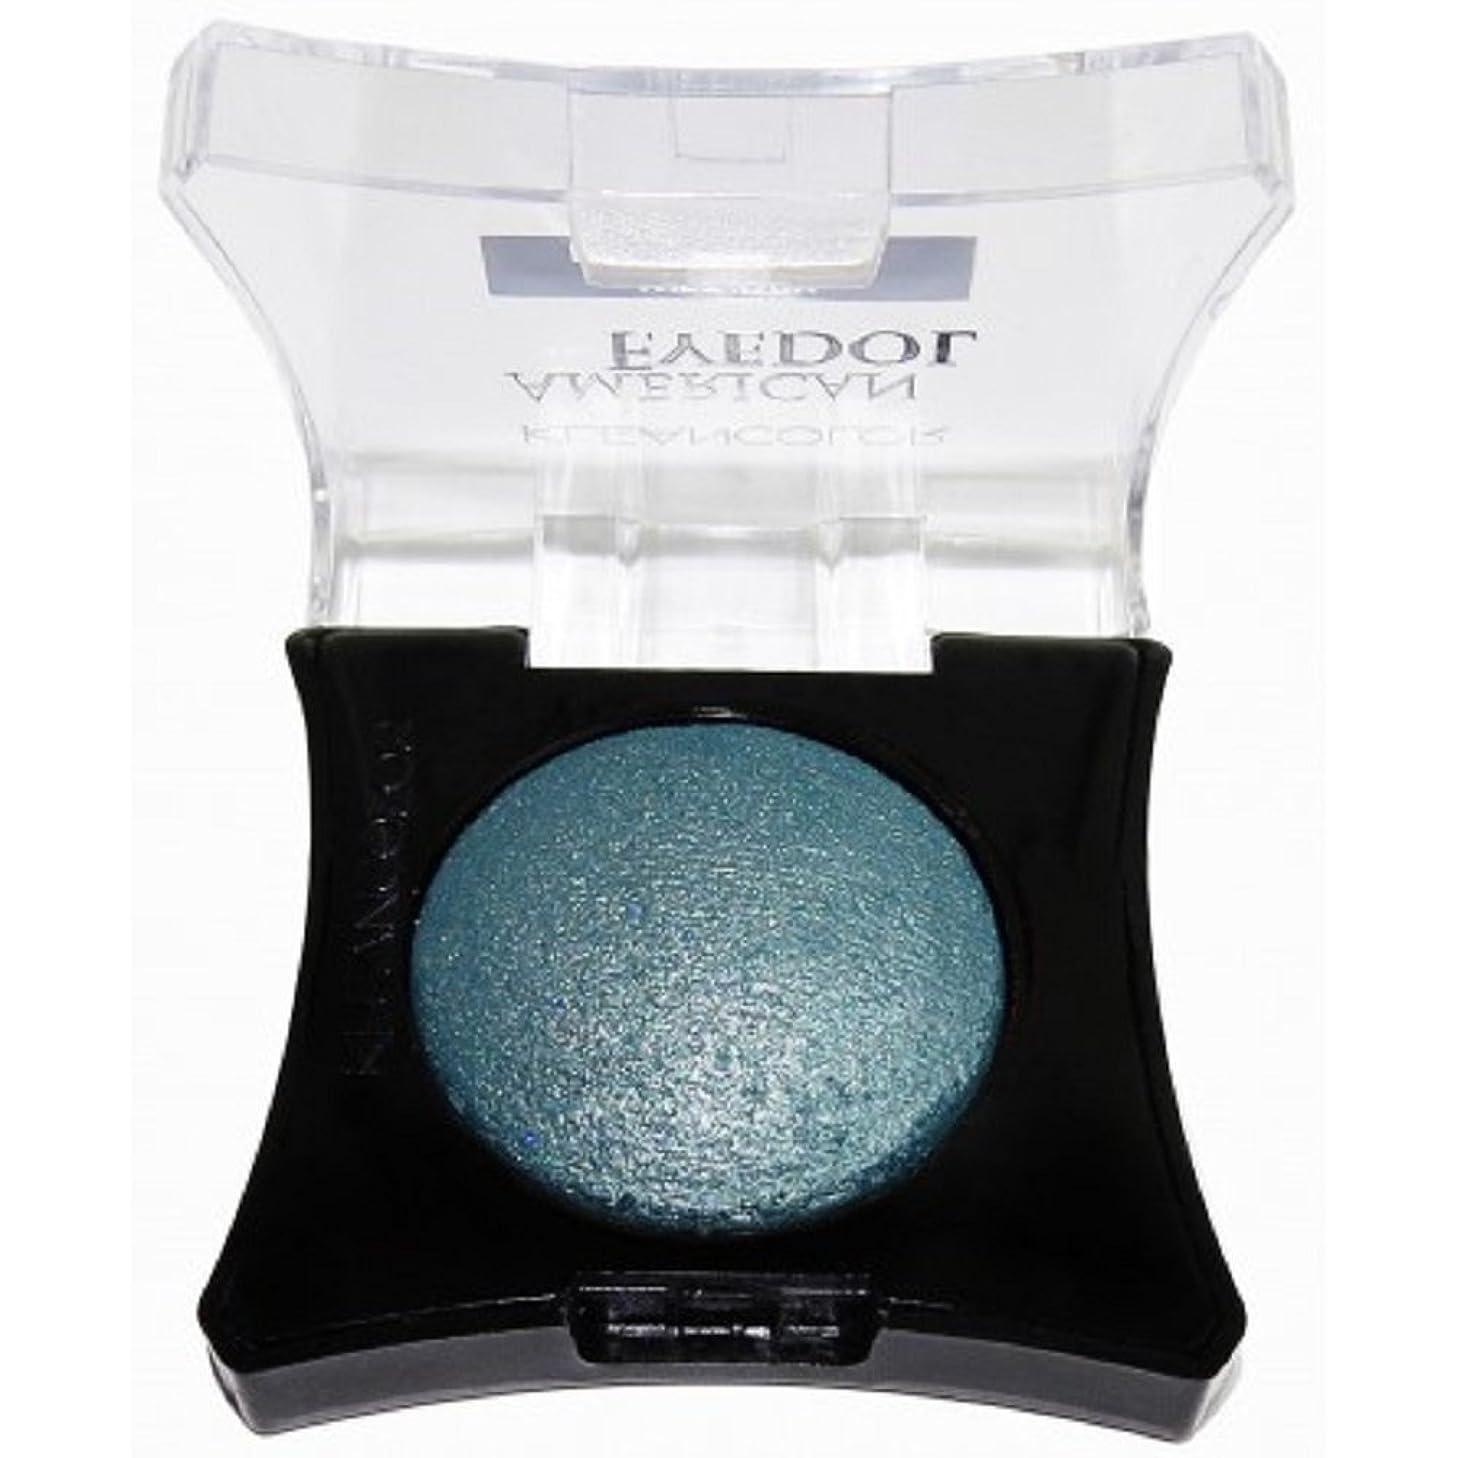 裸イデオロギー知的KLEANCOLOR American Eyedol (Wet/Dry Baked Eyeshadow) - Glitter Teal (並行輸入品)